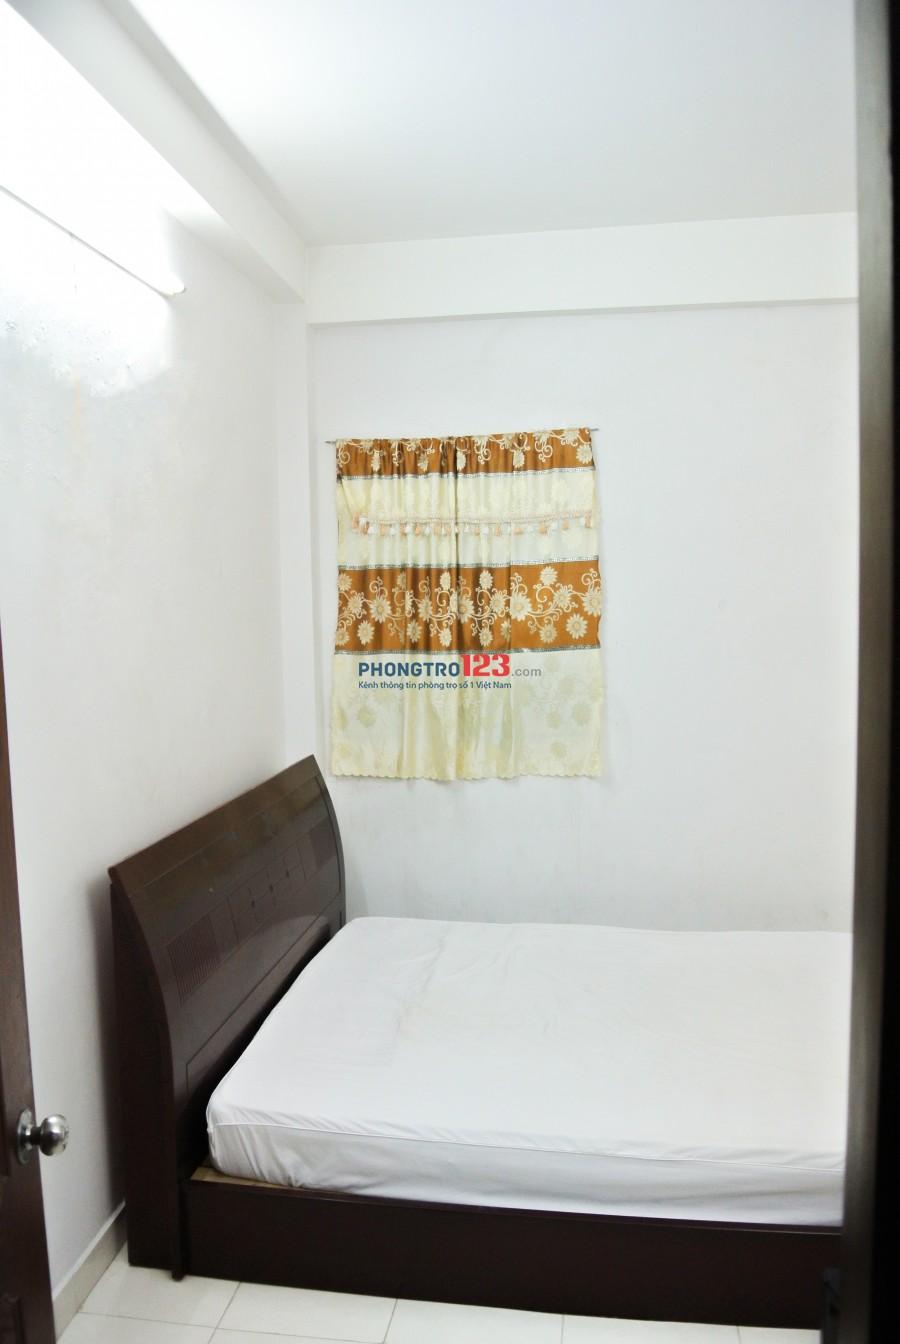 Cho thuê phòng trọ tại 25/47 Tôn Thất Tùng, Phường Phạm Ngũ Lão trung tâm Quận 1. Tháng 6/2021